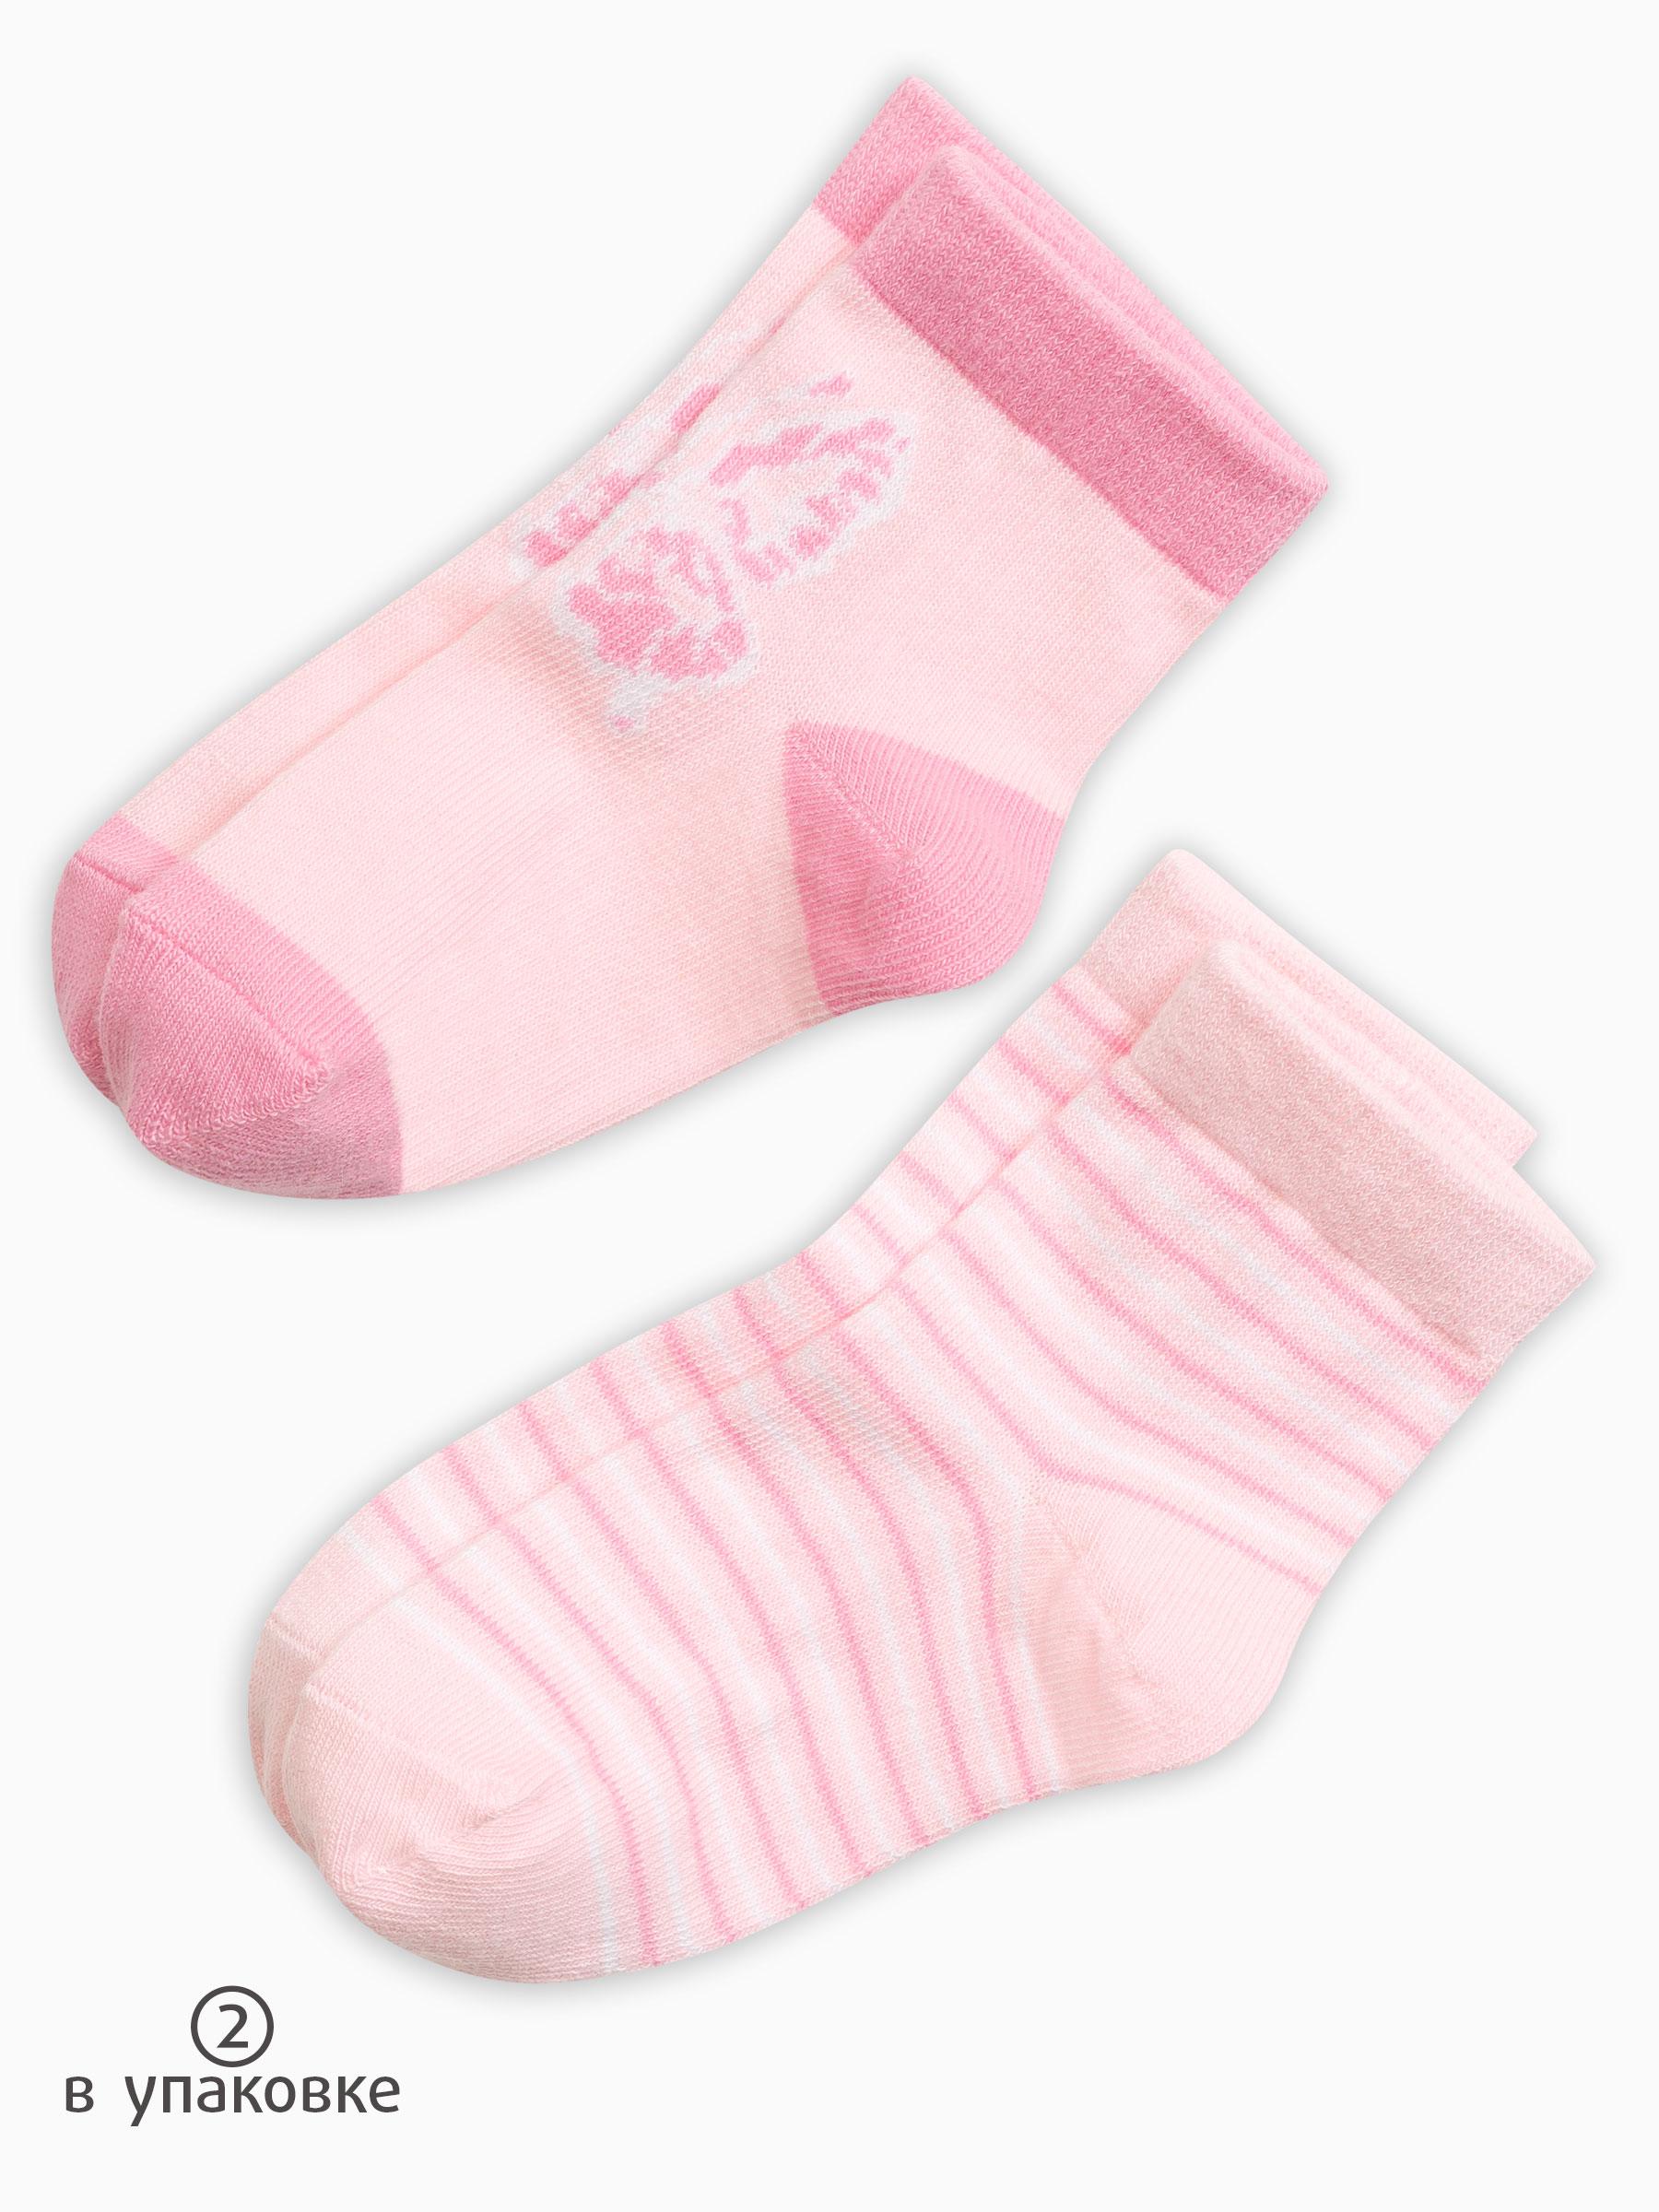 524add81002ae Pelican GEG3109(2), носки детские для девочек 2 пары цвета малиновый ...